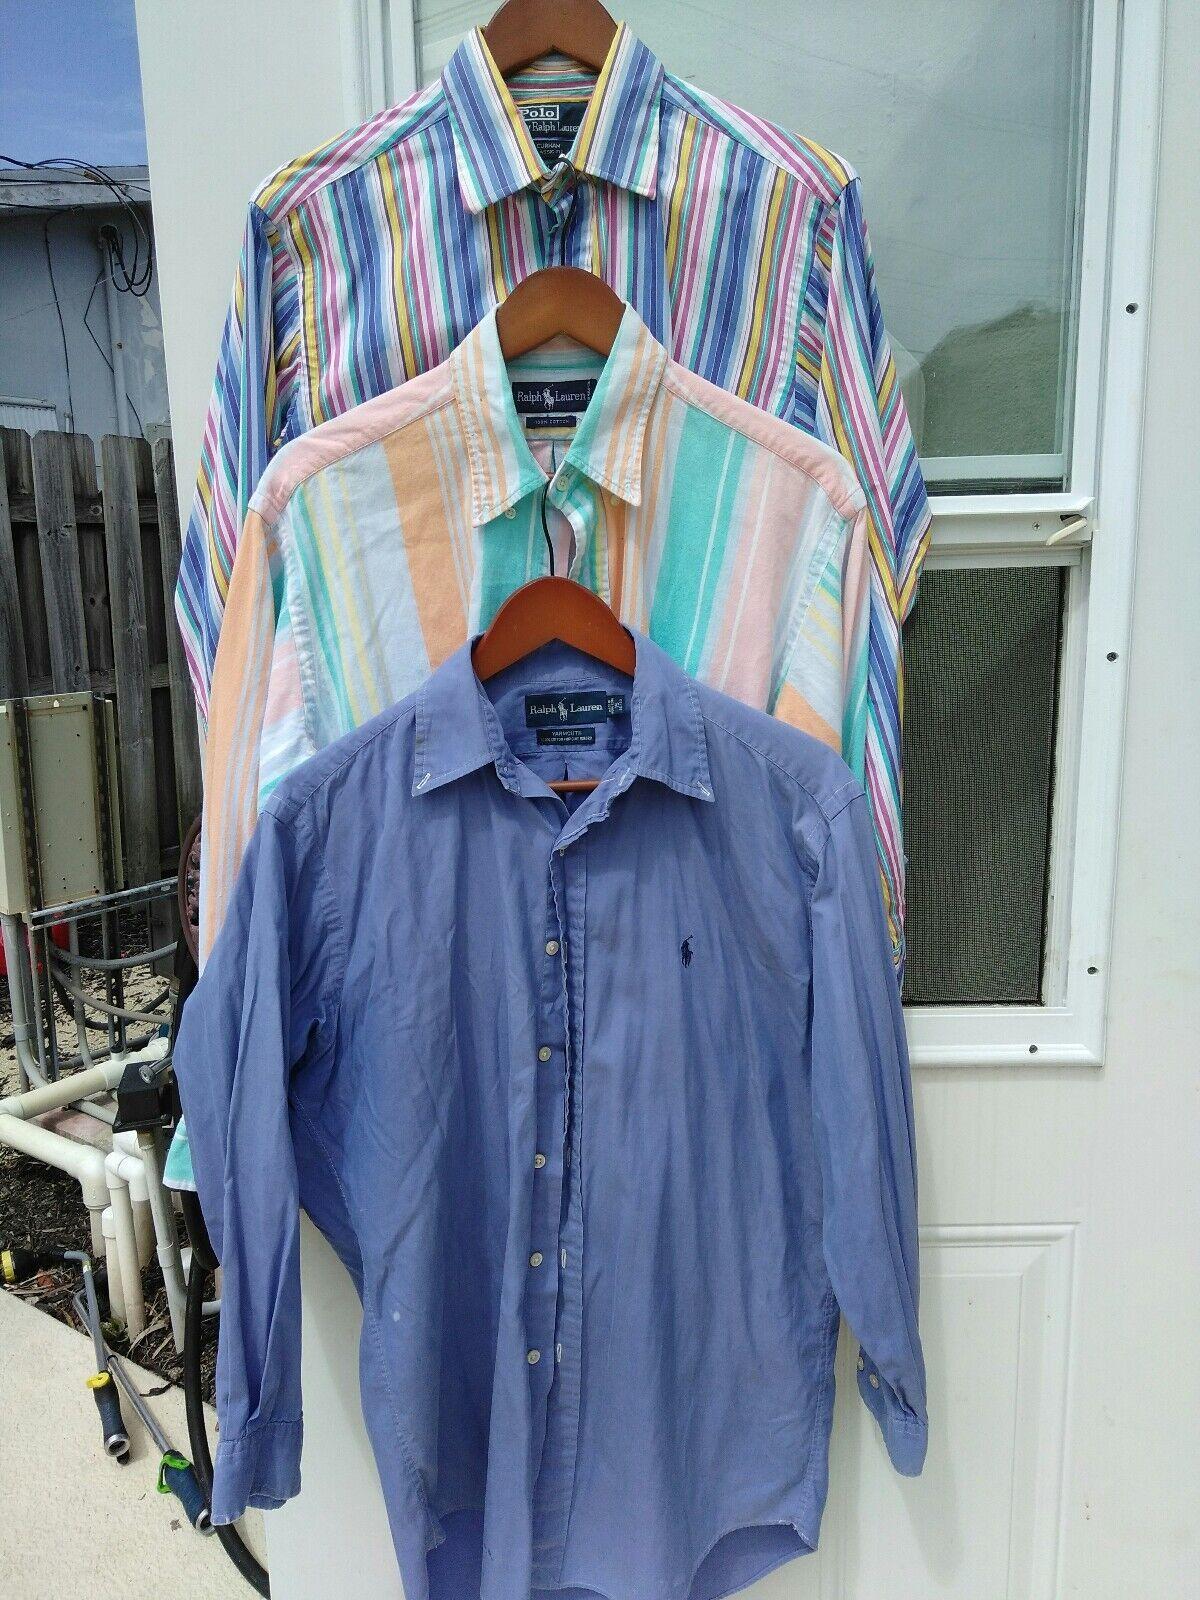 3 Ralph Lauren  Men  women Medium Polo Shirt Stripes  solid make offer